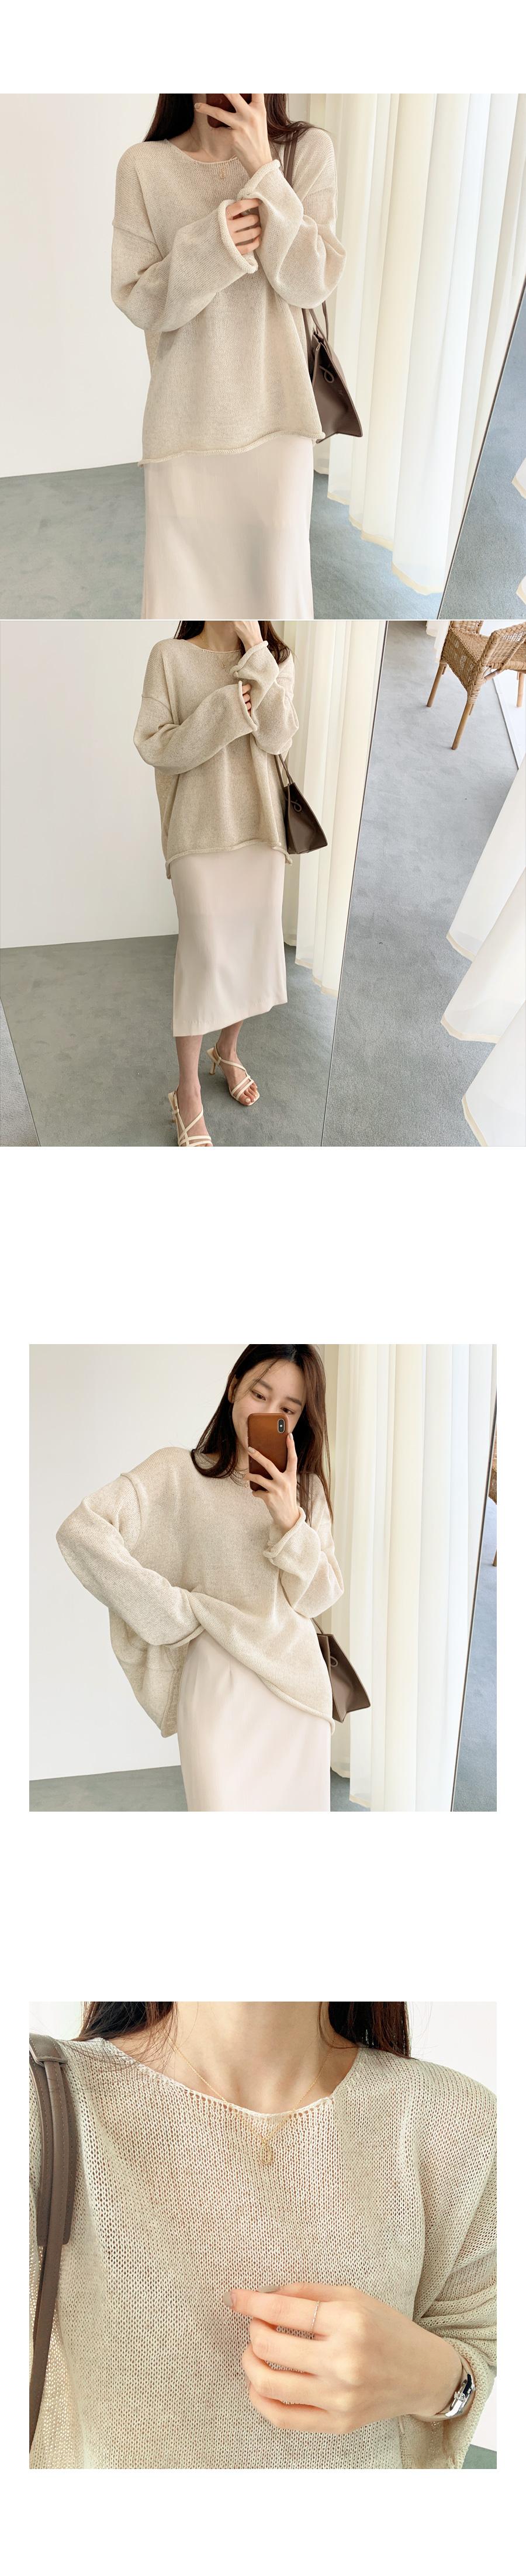 Elid knit